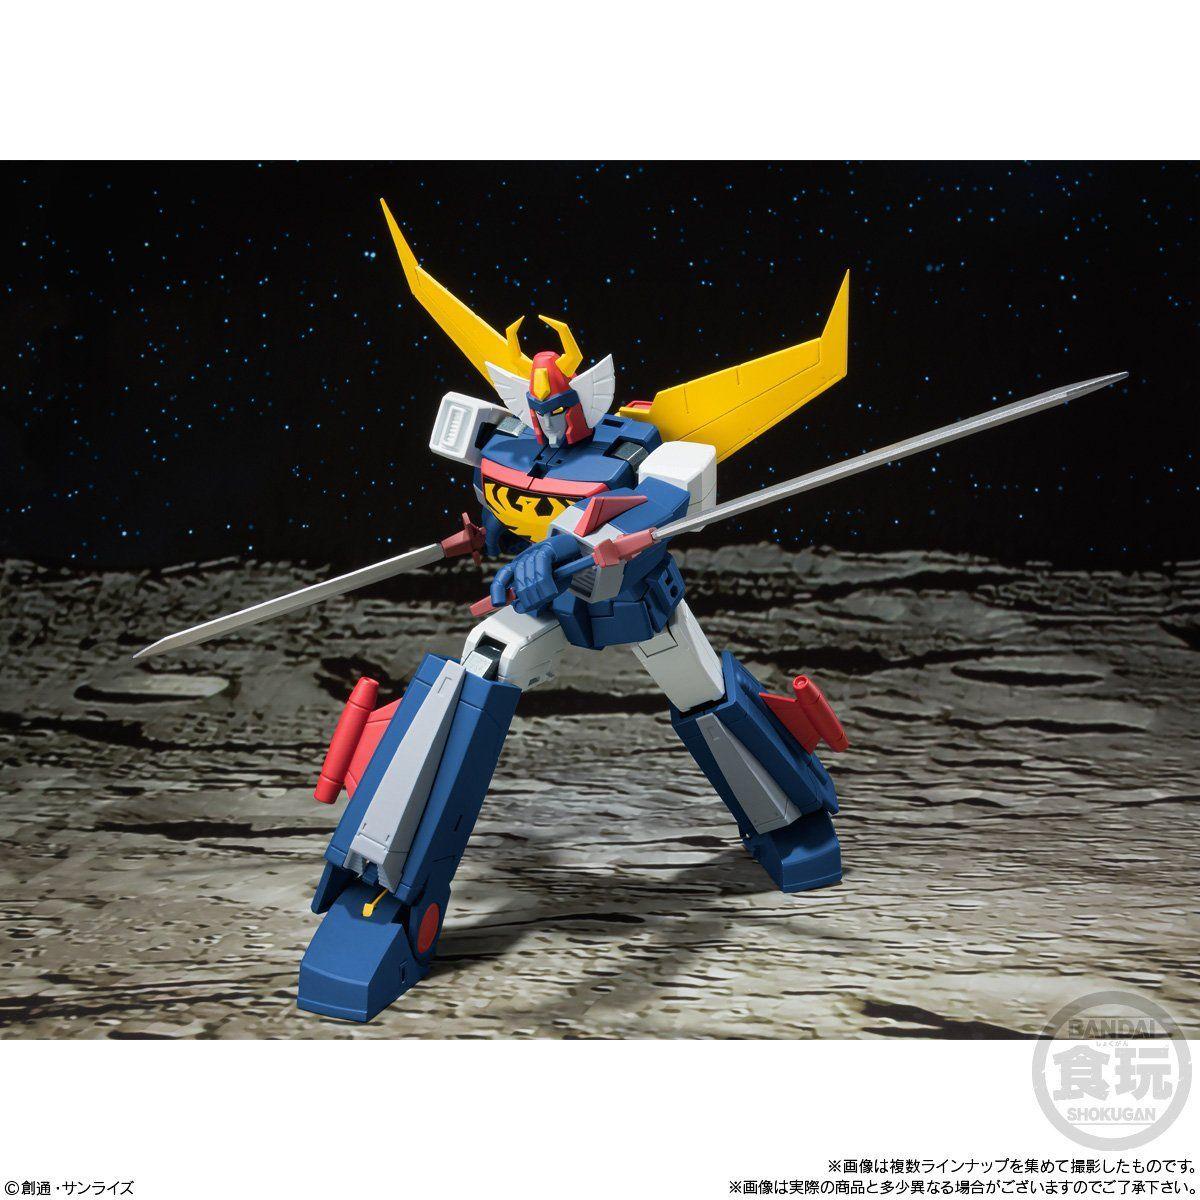 【食玩】スーパーミニプラ『無敵ロボ トライダーG7』3個入りBOX-006